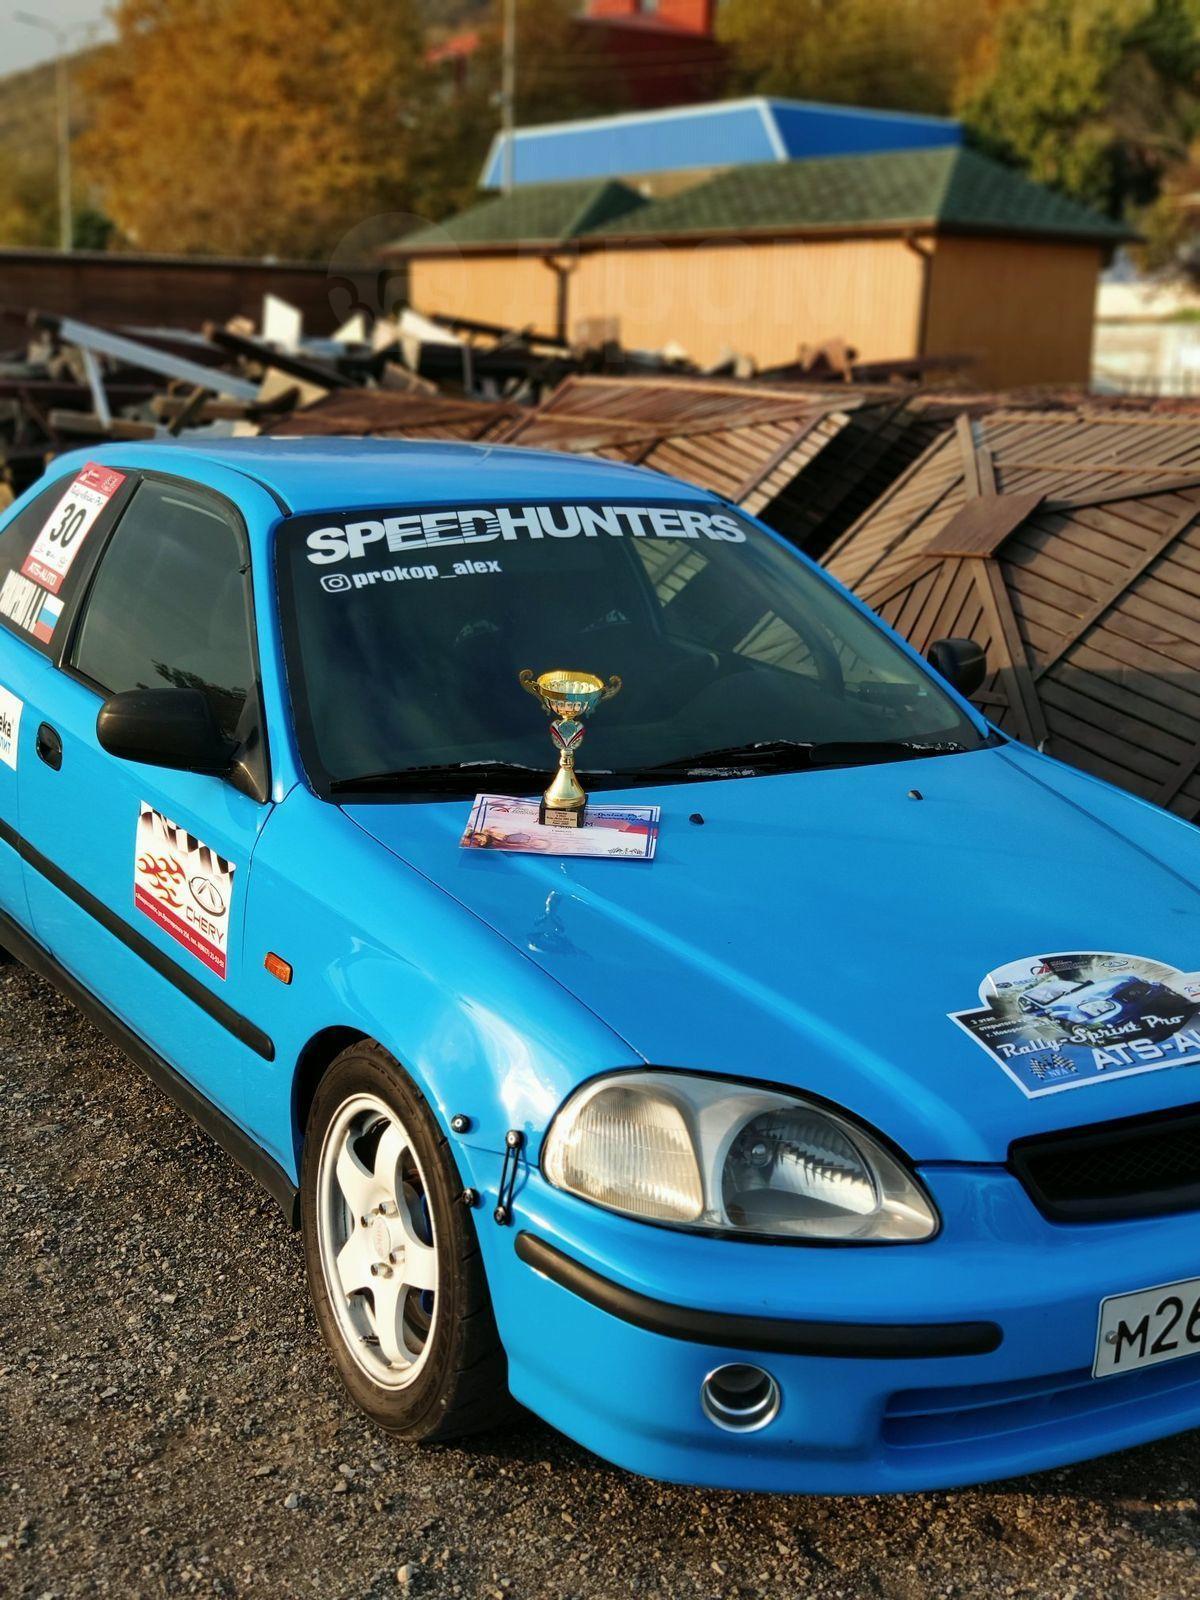 Продажа Хонда Цивик 1998 в Новороссийске, Это чемпионский ...  Хонда Цивик 1998 Хэтчбек